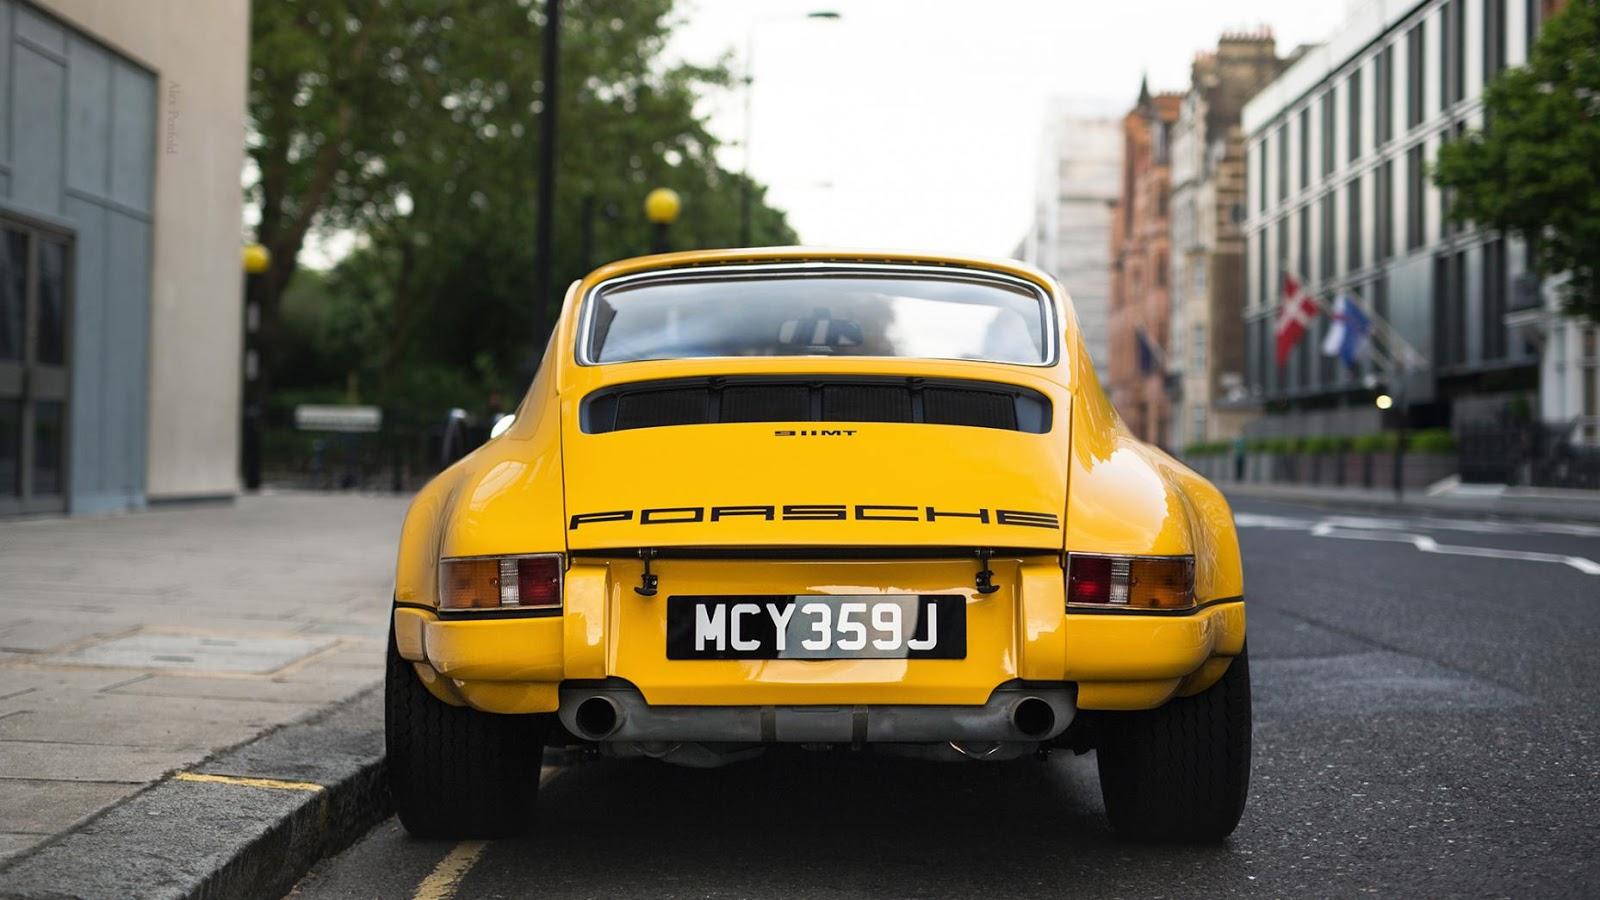 Luân Đôn là nơi trú ngụ của các...huyền thoại siêu xe